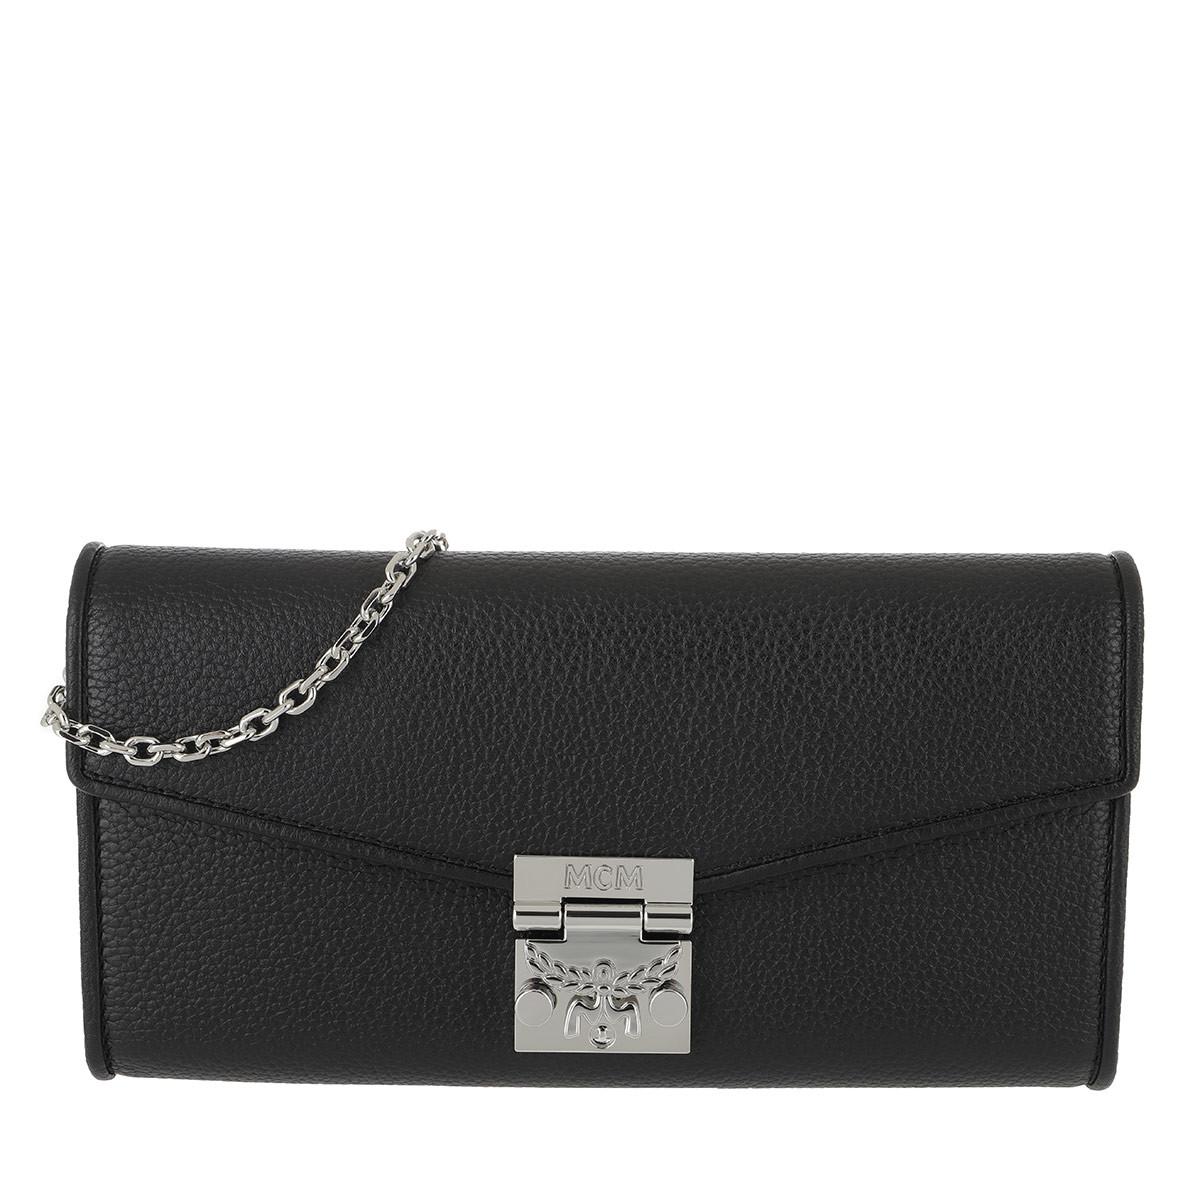 MCM Portemonnaie - Patricia Park Avenue Flap Wallet Large Black - in schwarz - für Damen